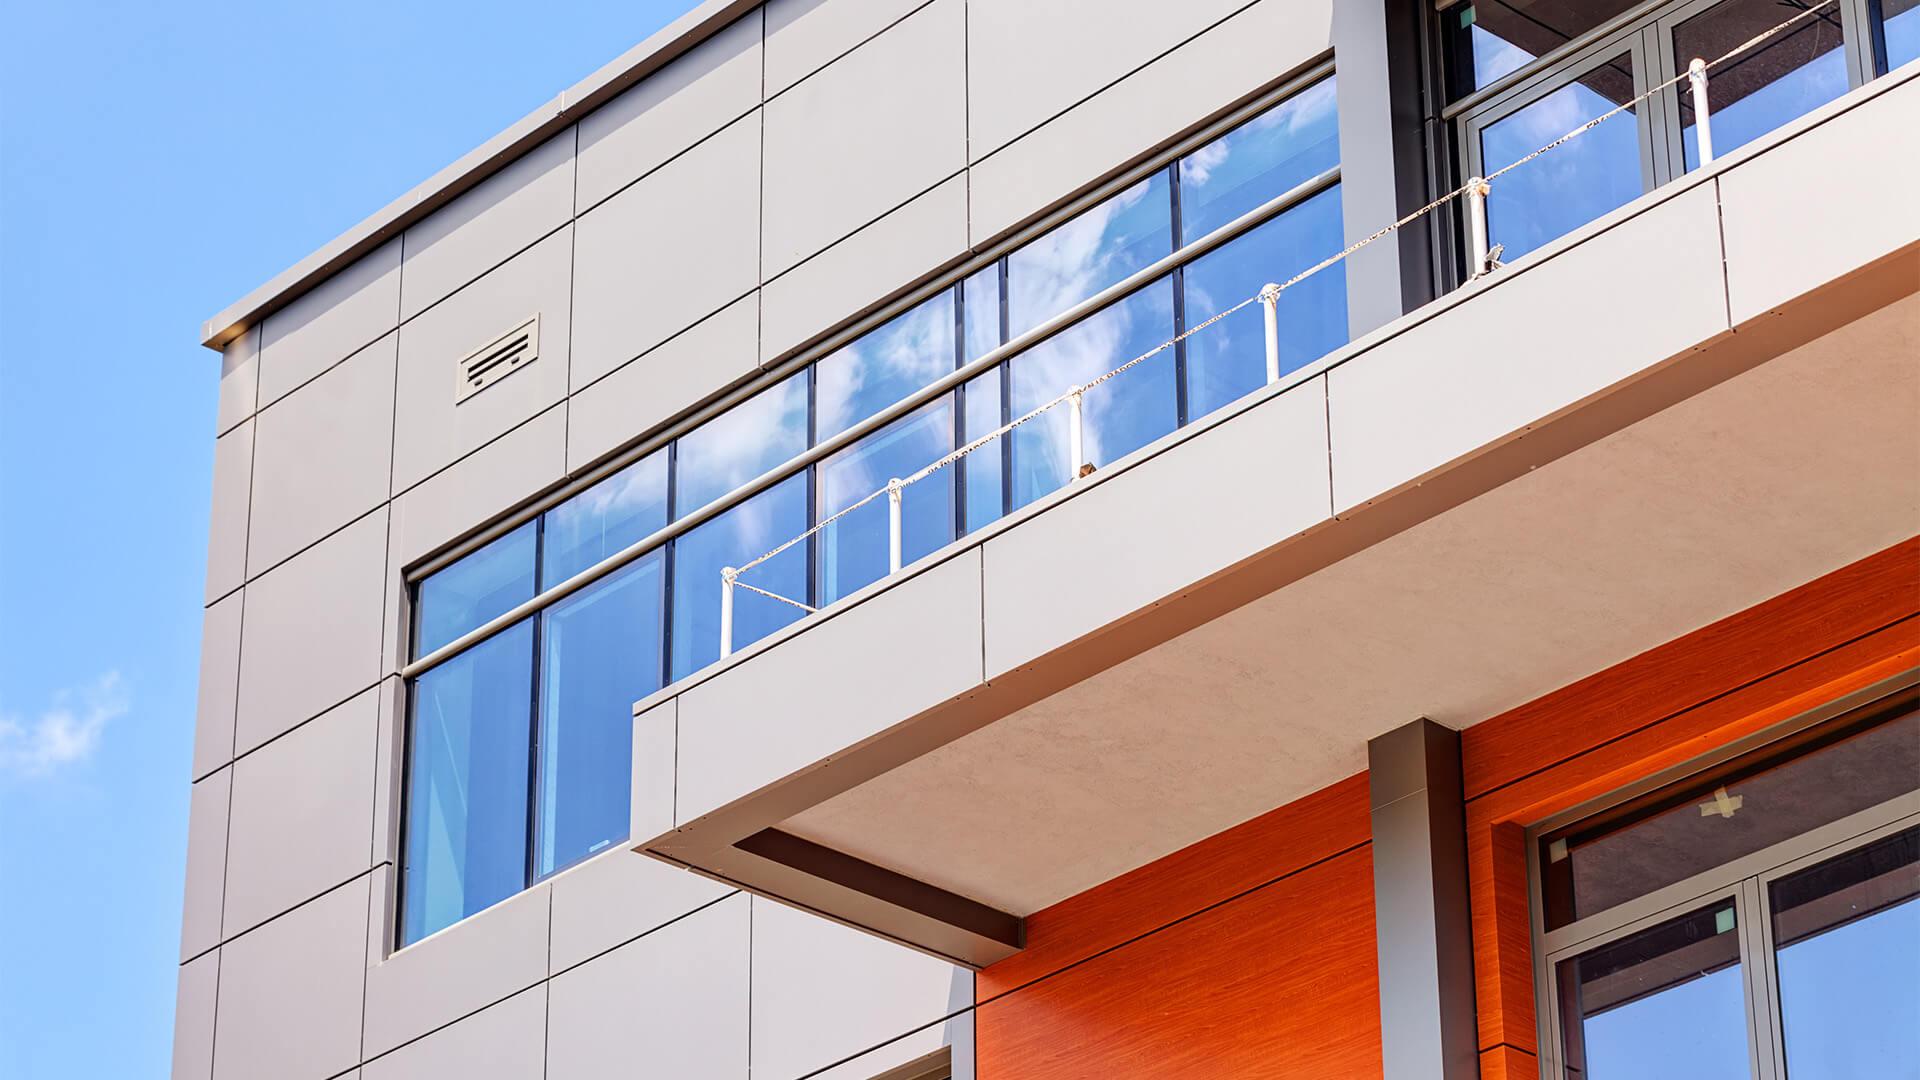 metal outer facade of a building